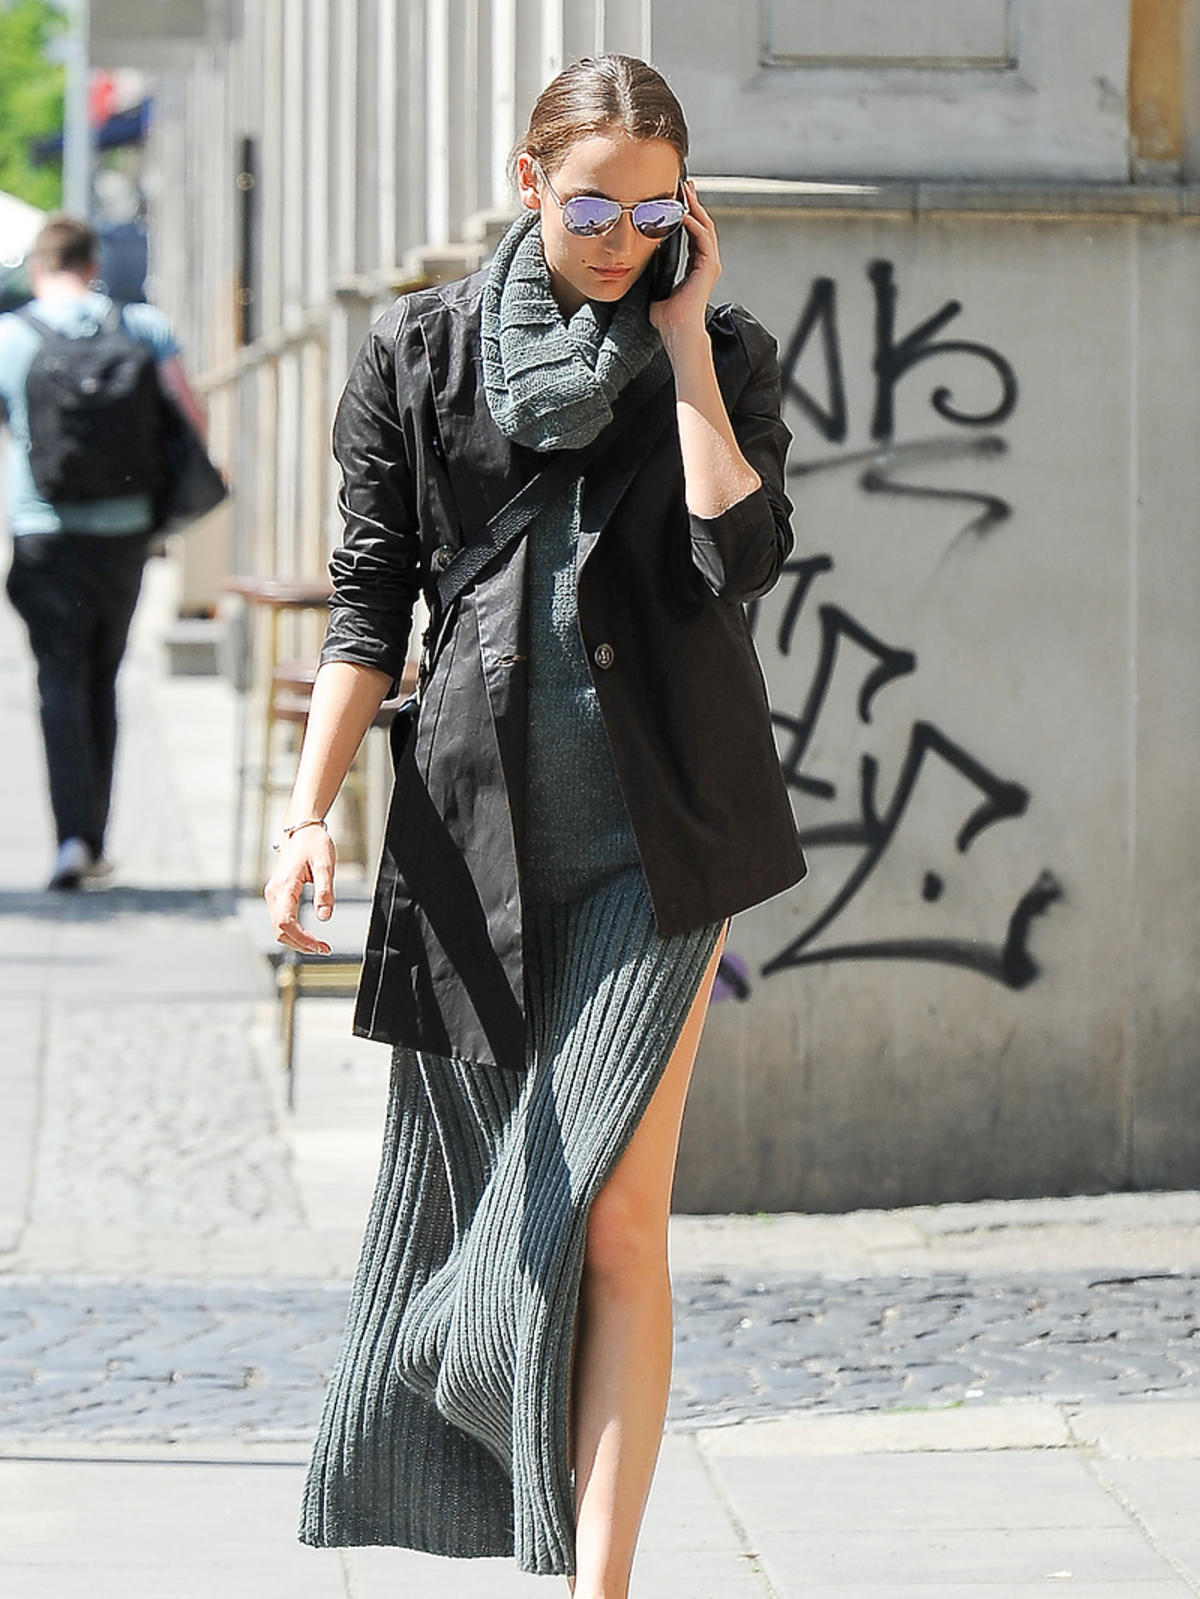 Modna stylizacja modelki Zuzanny Bijoch na spacerze w Warszawie